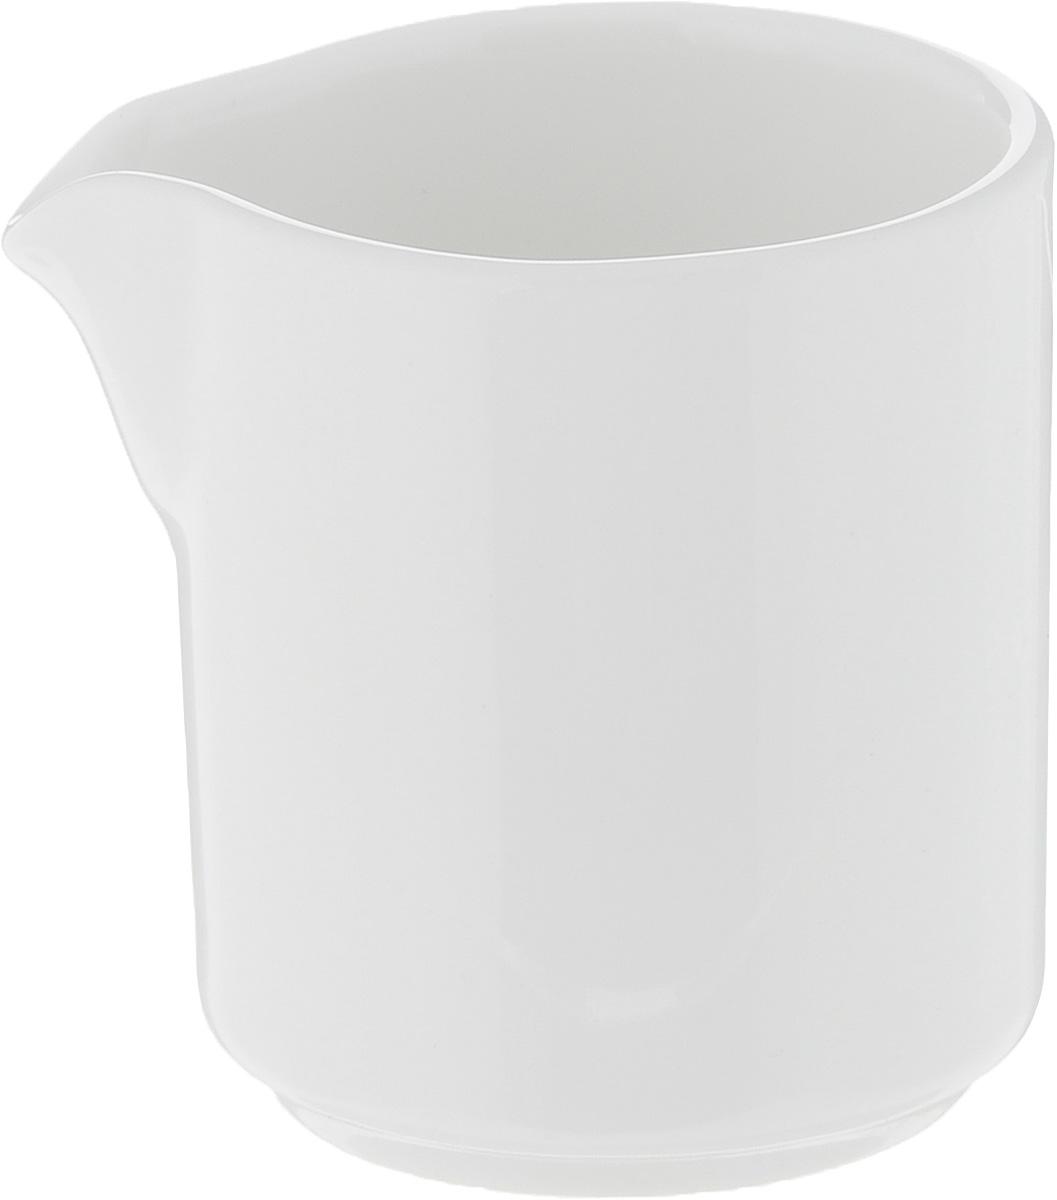 Молочник Ariane Прайм, 50 млAPRARN64005Молочник Ariane Прайм изготовлен из высококачественного фарфора с глазурованным покрытием. Изделие предназначено для сервировки сливок или молока. Такой молочник отлично подойдет как для праздничного чаепития, так и для повседневного использования. Изделие функциональное, практичное и легкое в уходе. Можно мыть в посудомоечной машине и использовать в СВЧ. Диаметр (по верхнему краю): 4,5 см. Высота: 5,5 см.